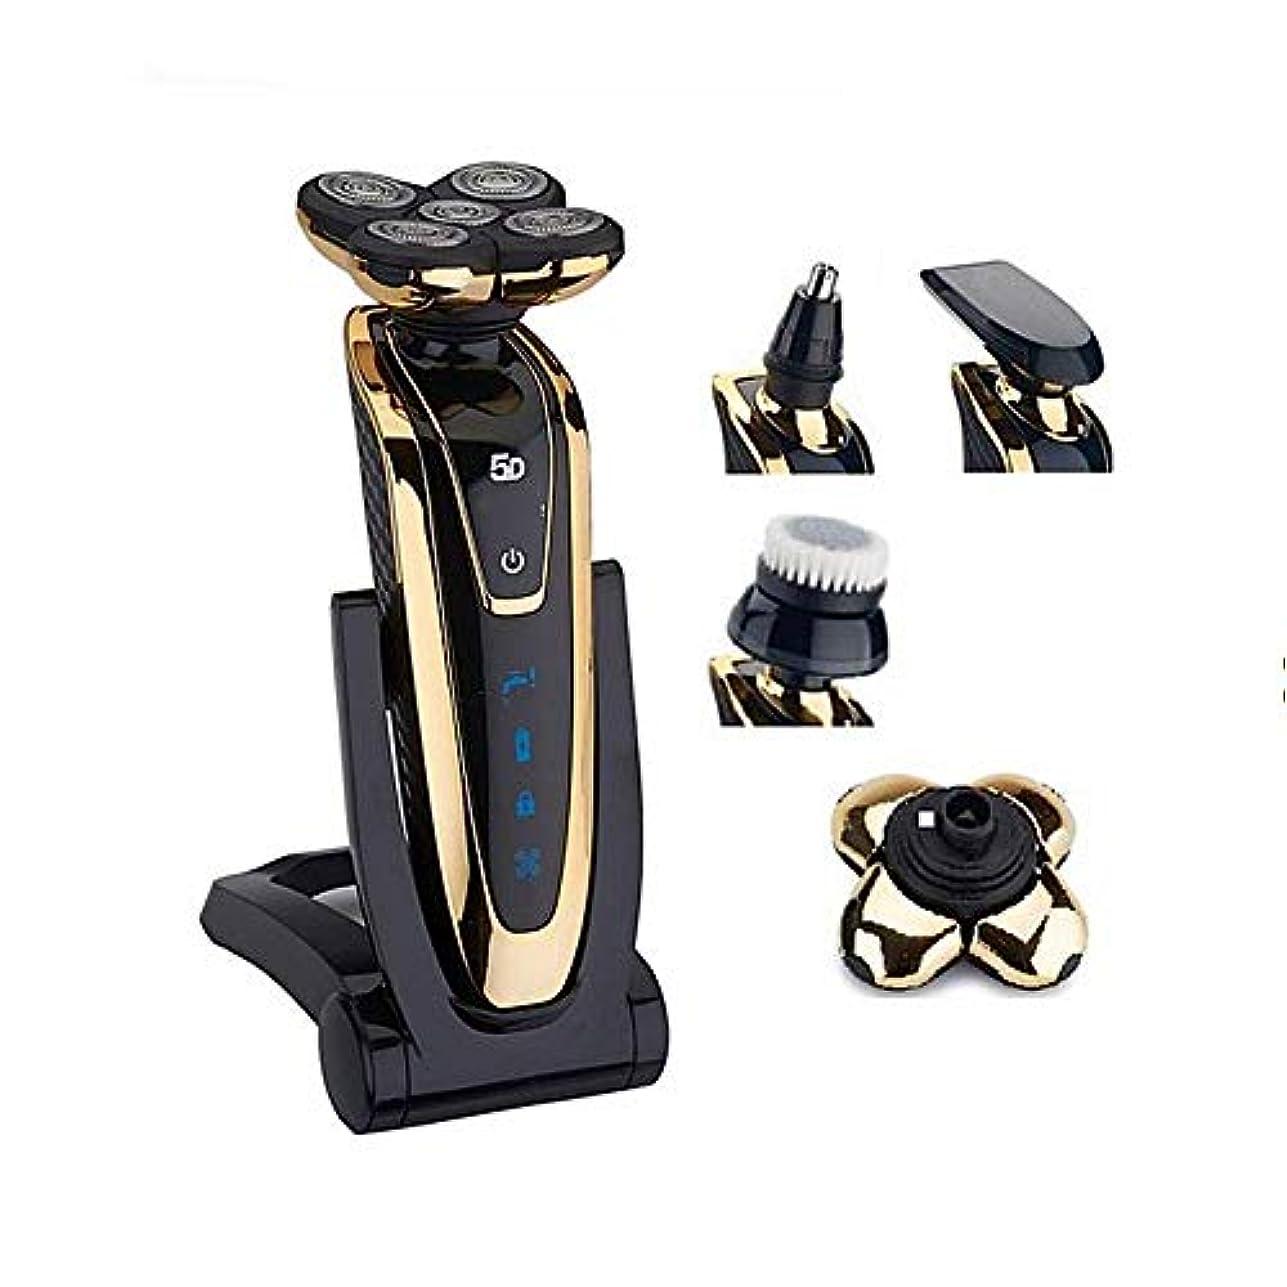 配管工デコラティブ仮称yangdi 男性浮遊トリプルブレード電気かみそり全身洗浄シェービングマシンひげのみシェーバーのための充電式電気シェーバー